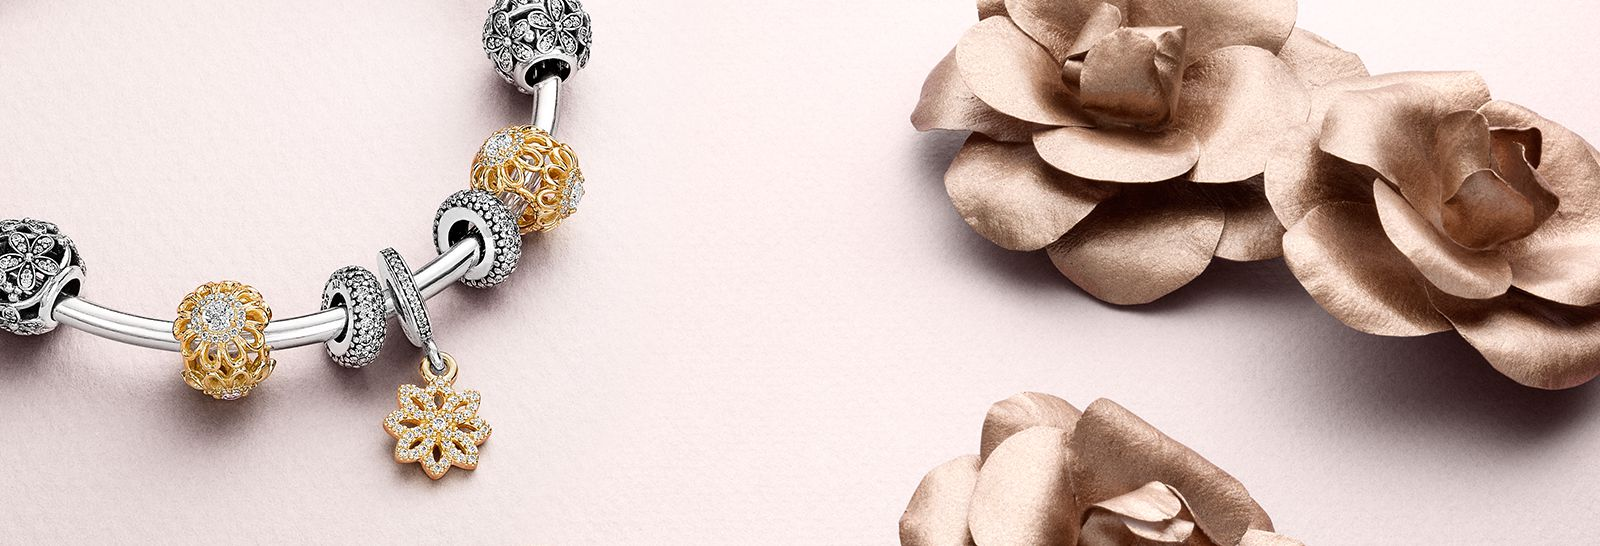 Стоп через денек! Реплика браслетов Пандора, нежные и изящные украшения из серебра! Создайте браслет под свое